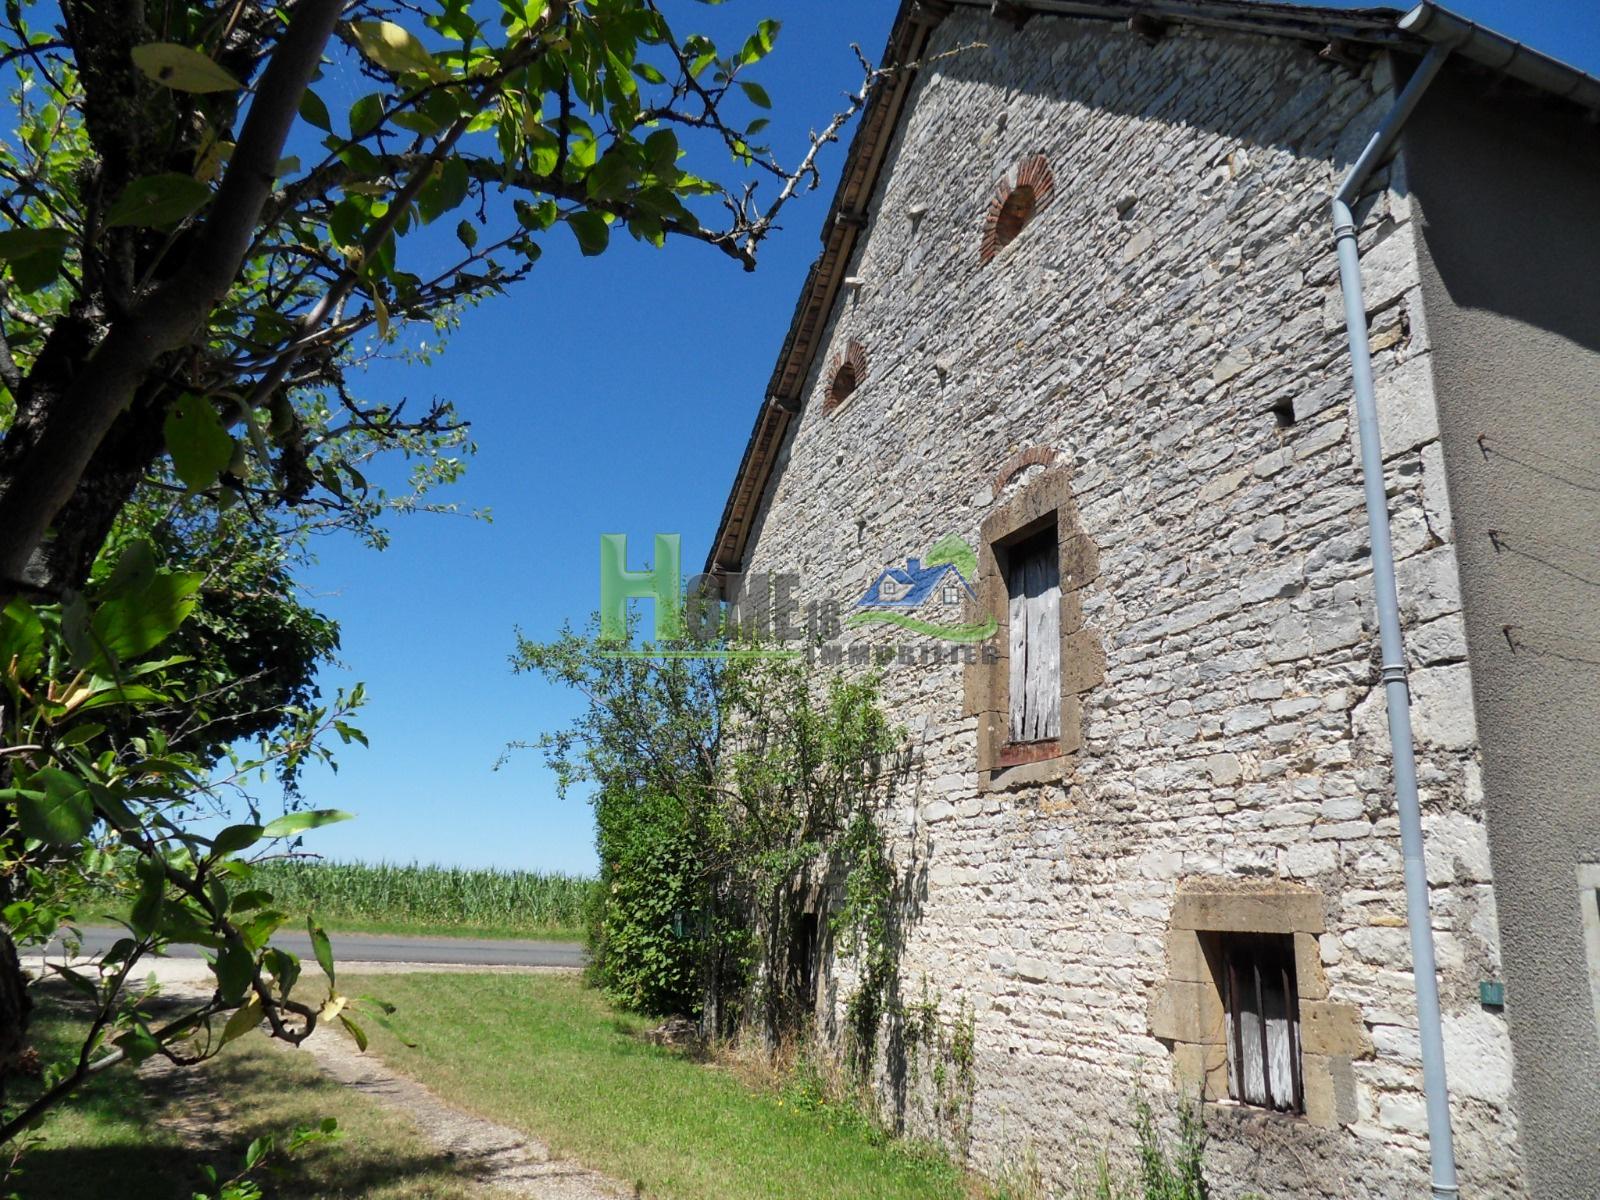 Vente maison villa corps de ferme r nov br cy avec beaucoup de potentie - Corps de ferme renove ...